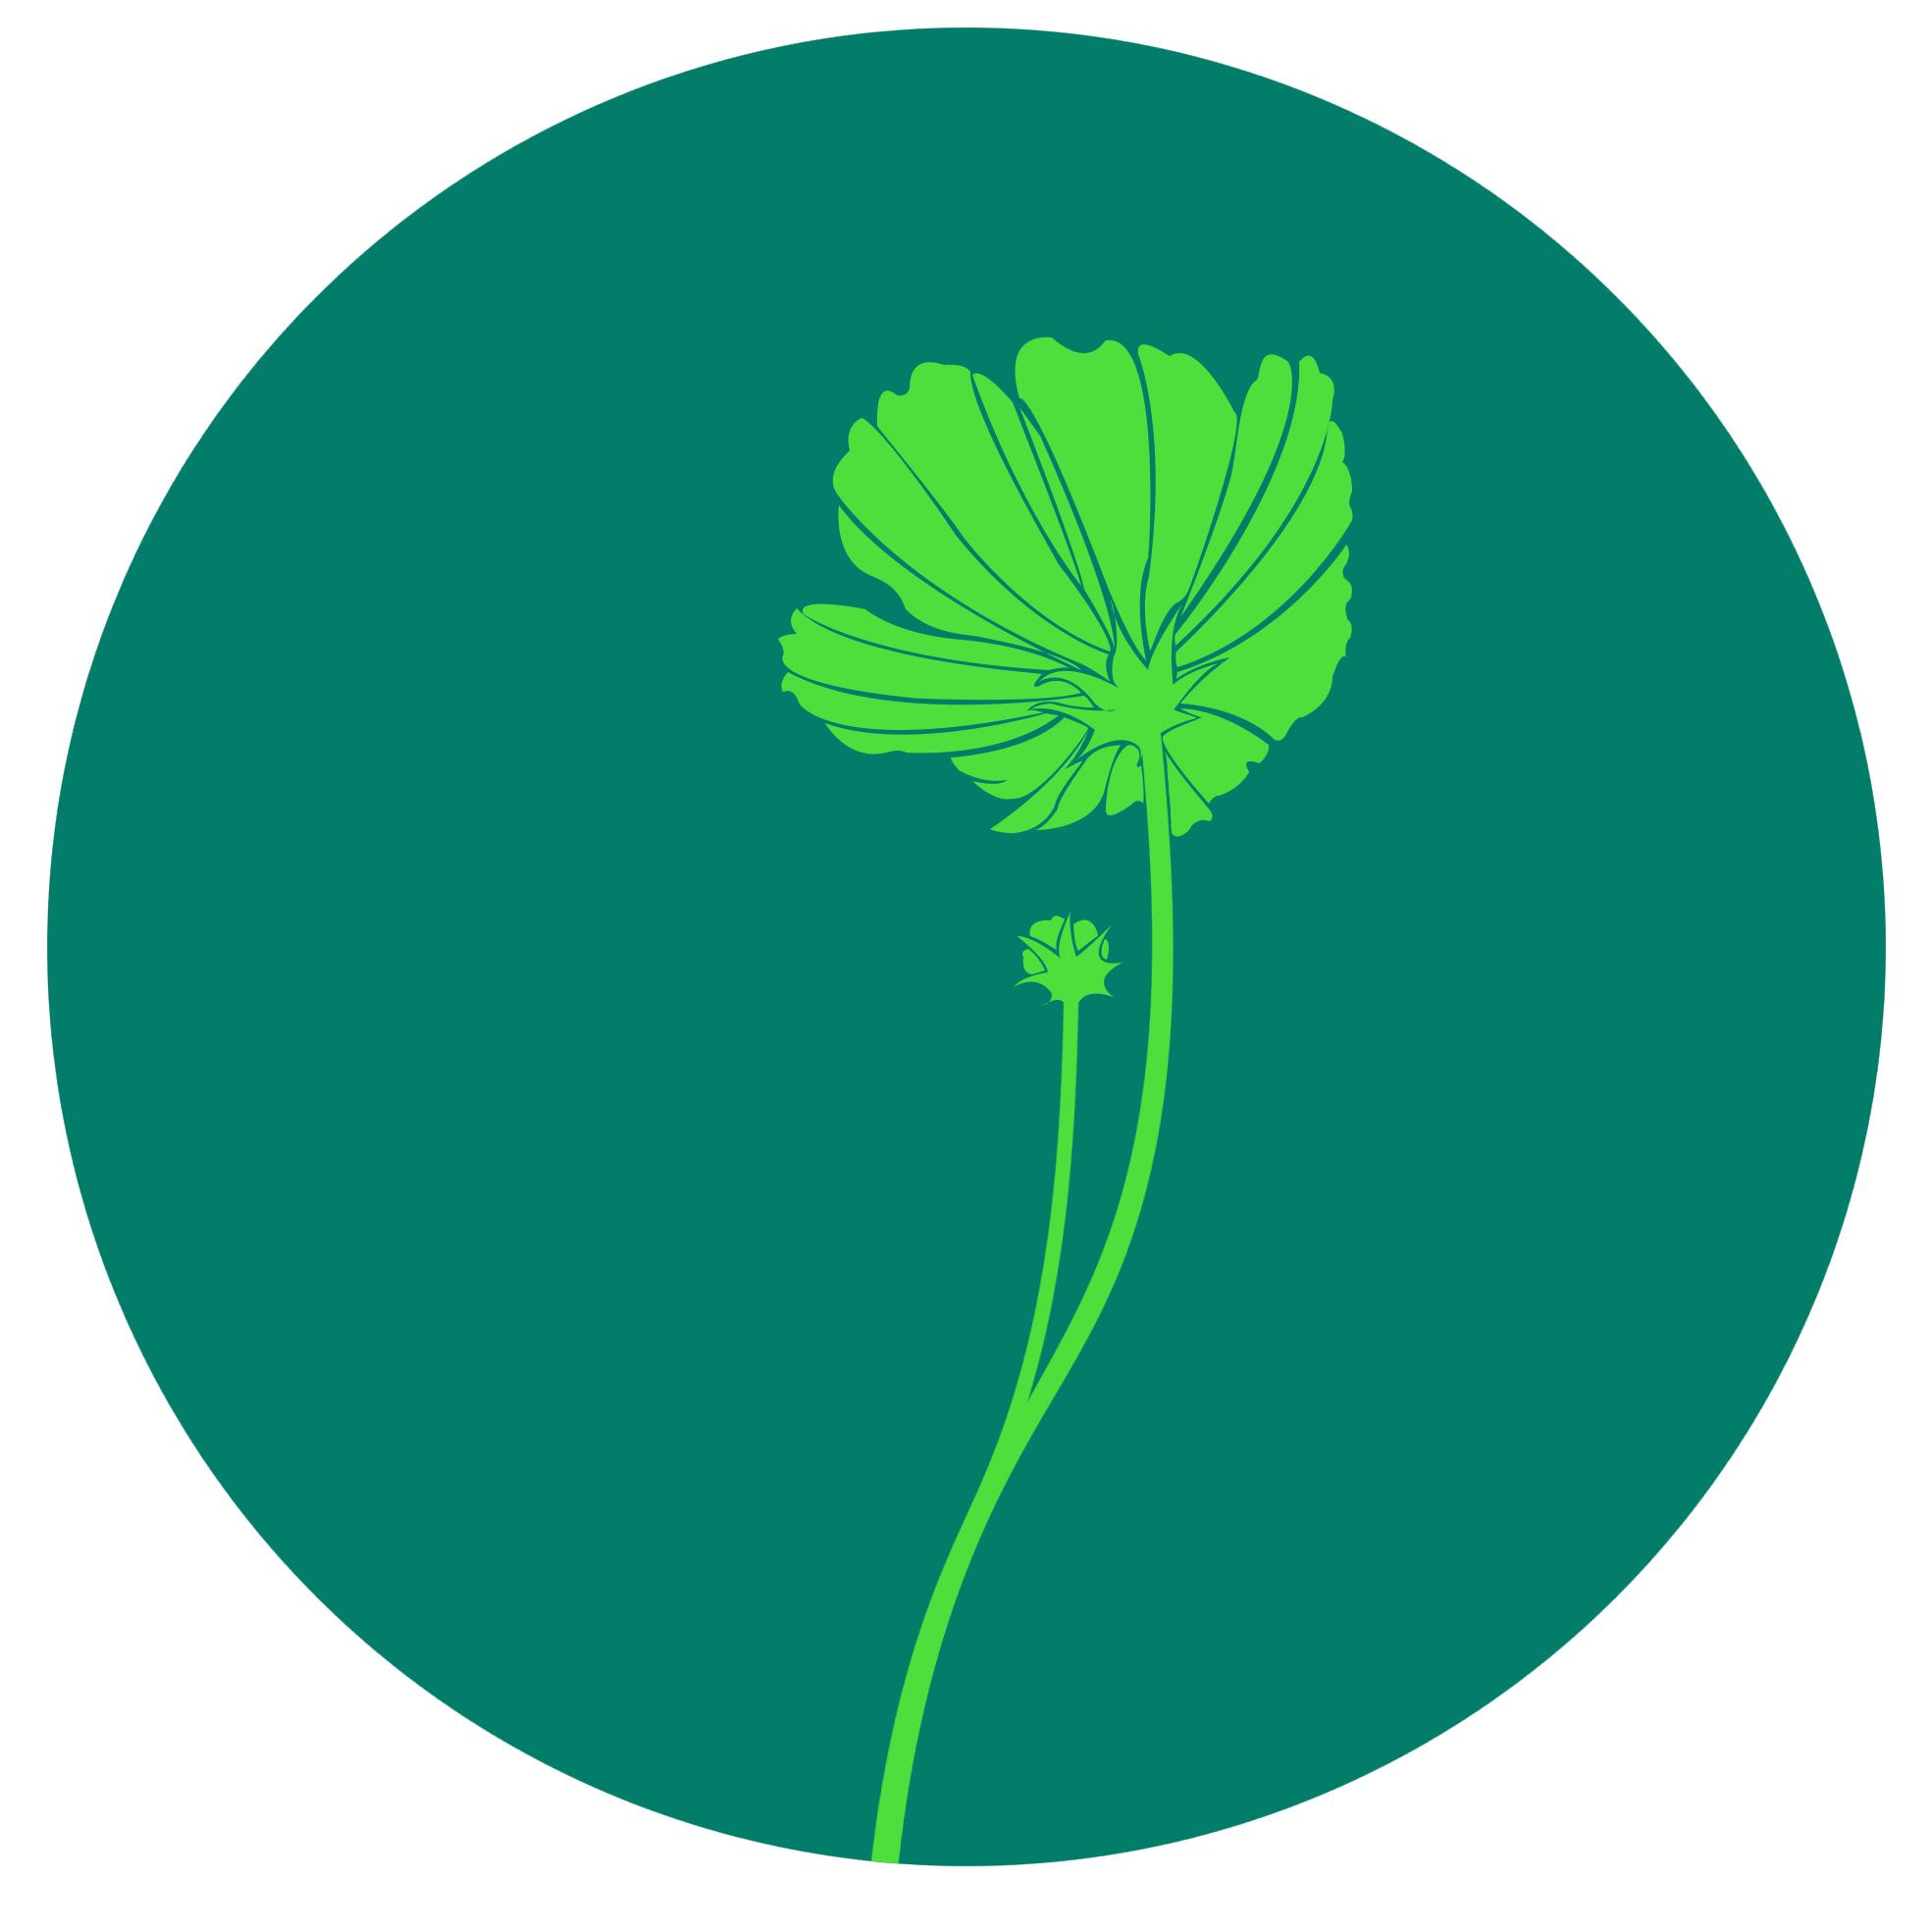 裸子植物/蕨类植物/苔藓植物/藻类植物/藤本植物/单双子叶植物等等.